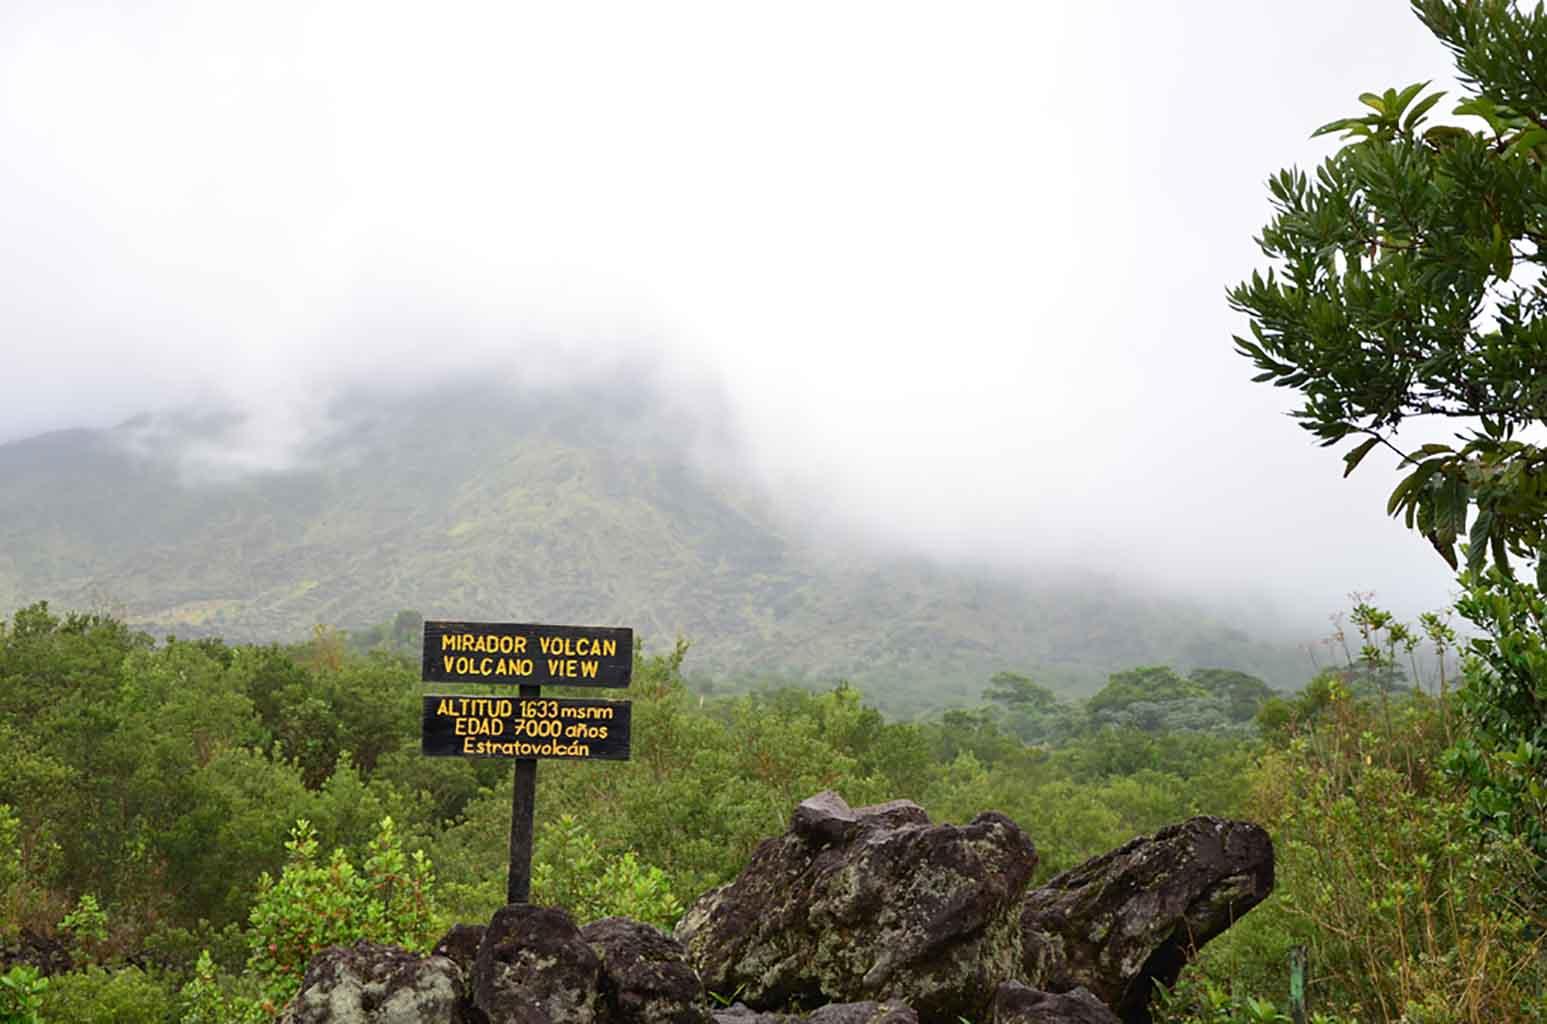 Mirador del Volcán Arenal, nosotros nos lo tuvimos que imaginar... :)